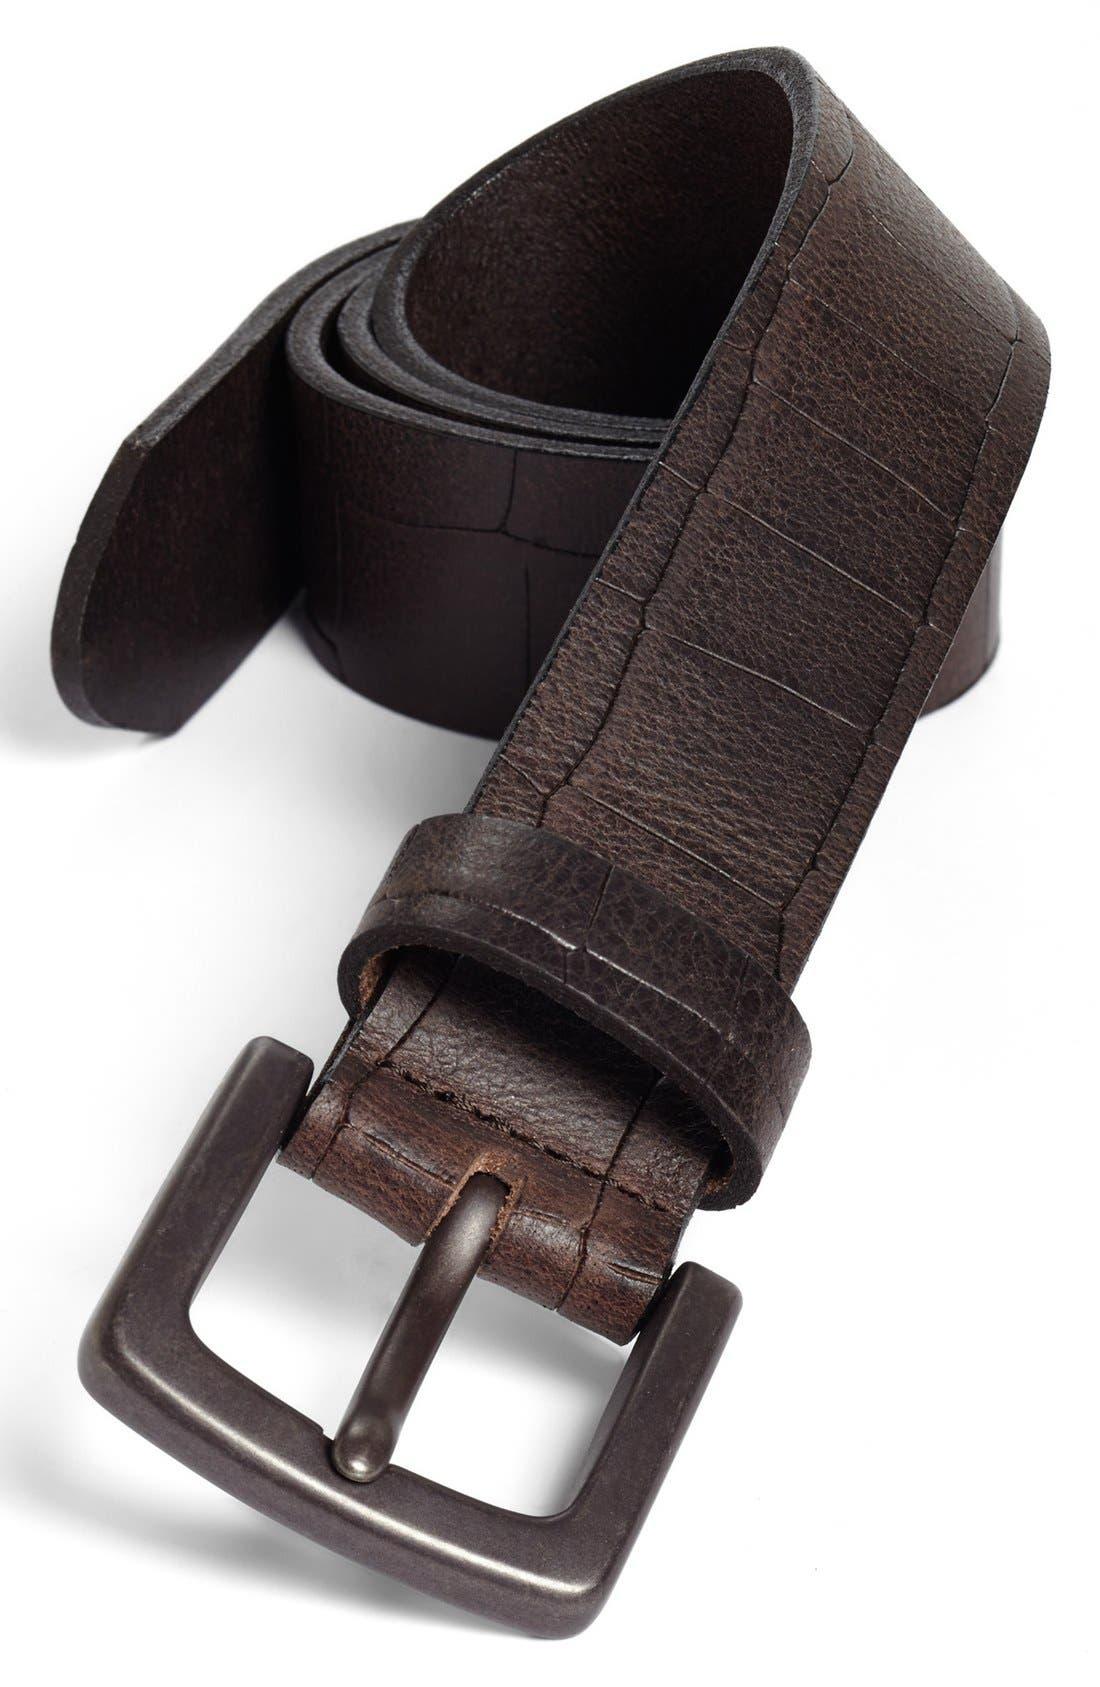 Gator Embossed Belt,                         Main,                         color, DARK BROWN